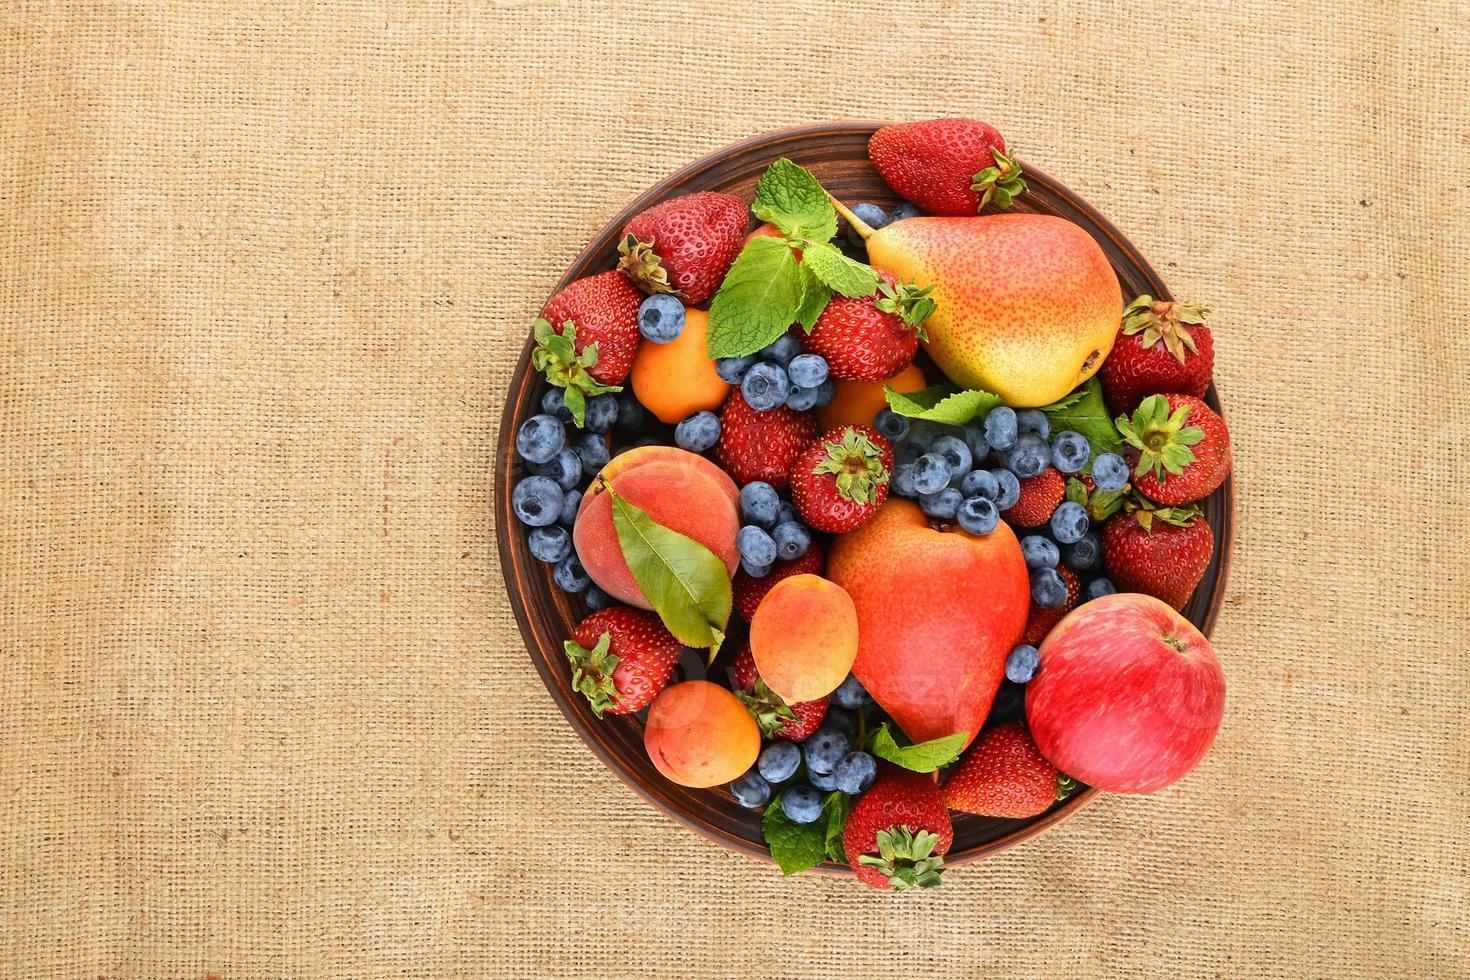 Früchte und Beeren mischen sich in Keramikplatte auf Leinwand Leinwand foto